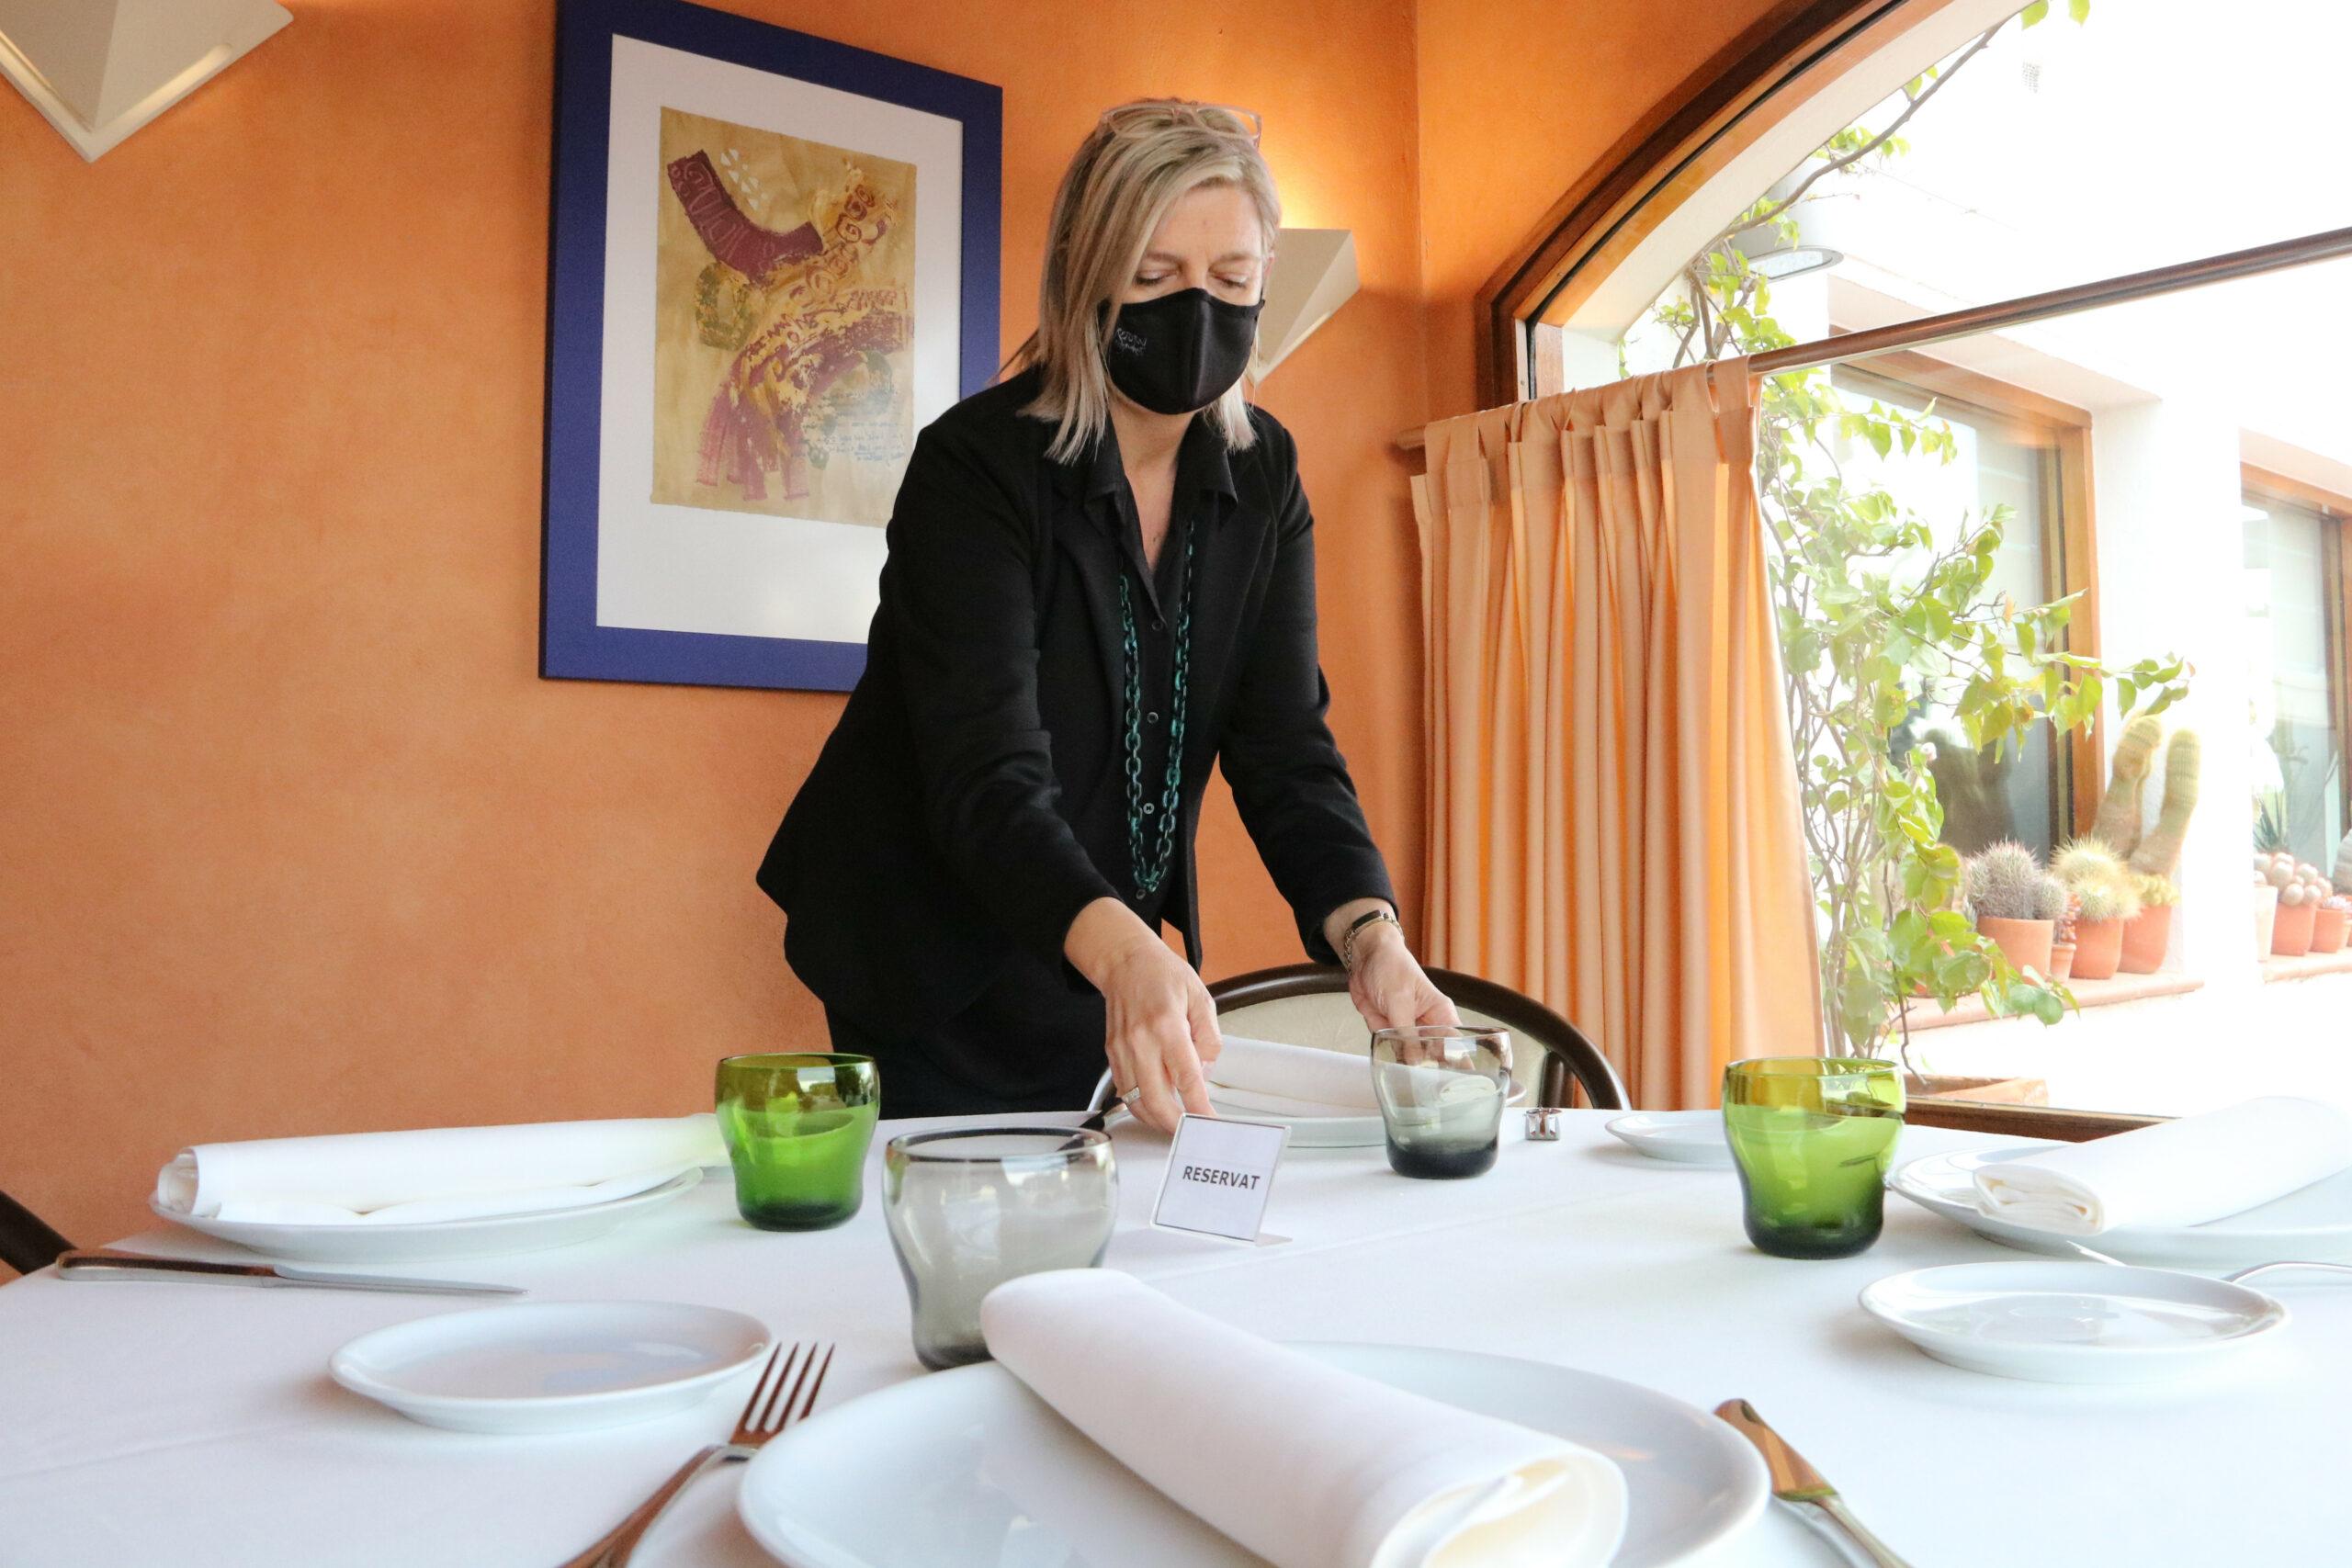 La secretària de l'Associació d'Hostaleria de l'Alt Empordà i directora de l'hotel Bon Retorn, Marta Gardell, preparant una taula del restaurant | ACN